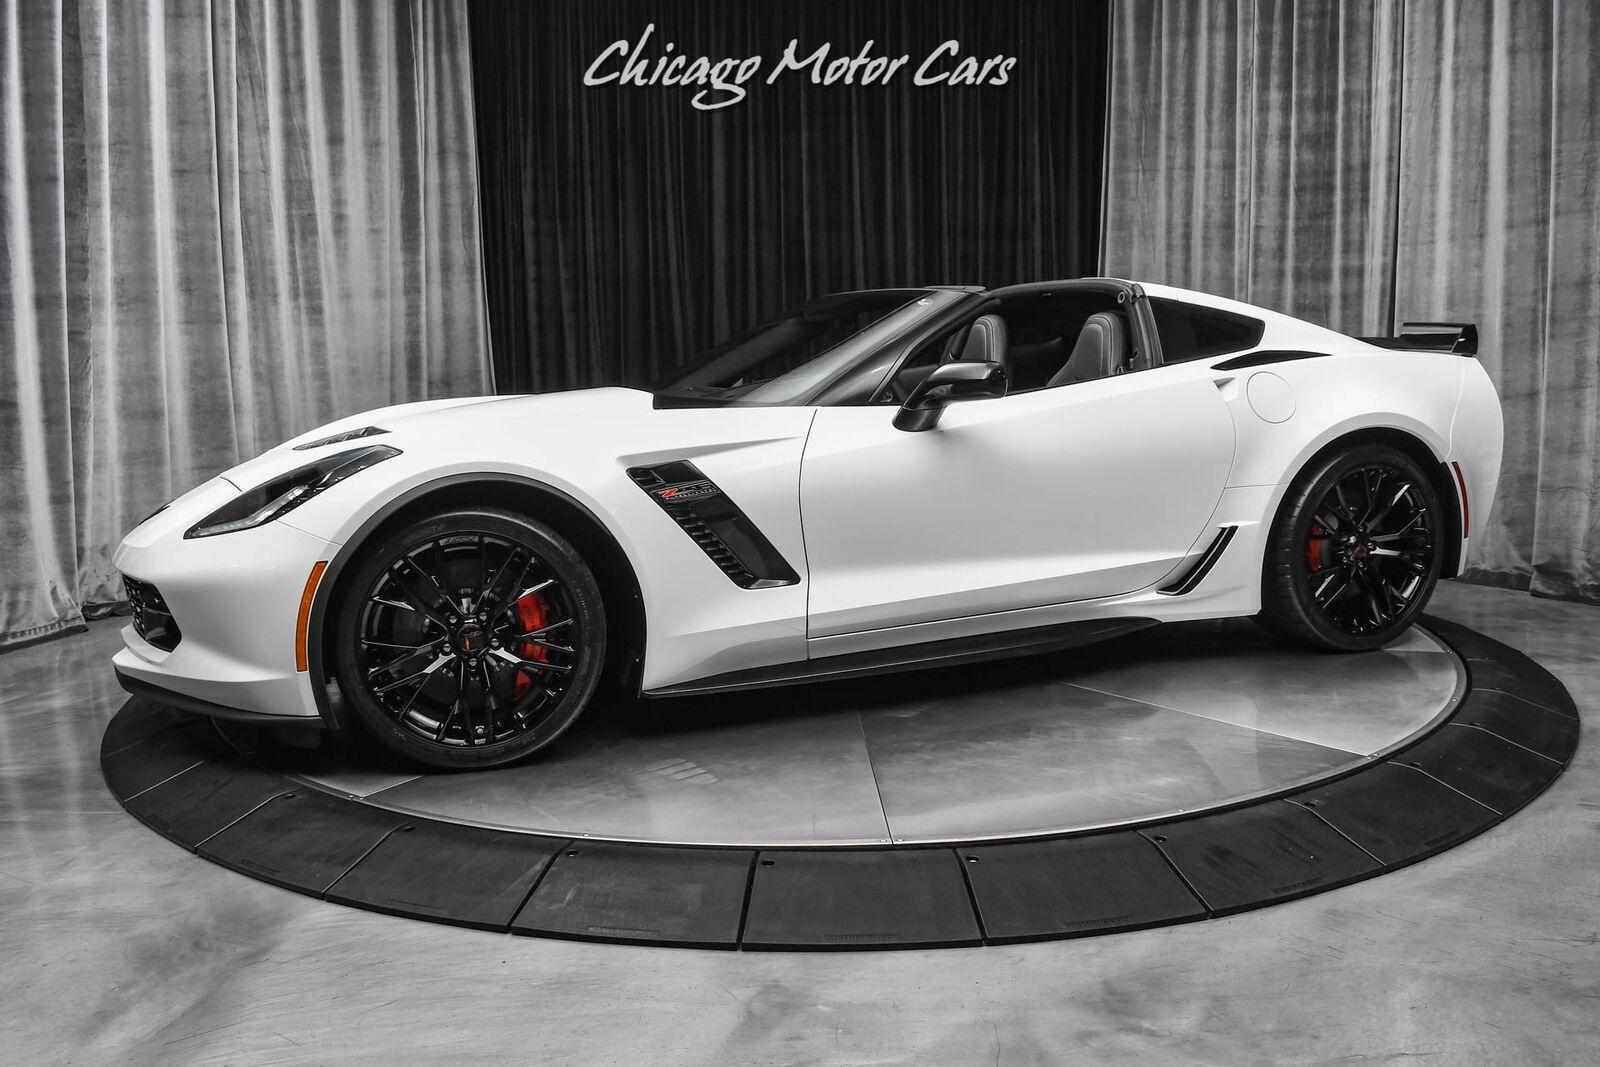 2019 White Chevrolet Corvette Z06 2LZ   C7 Corvette Photo 1